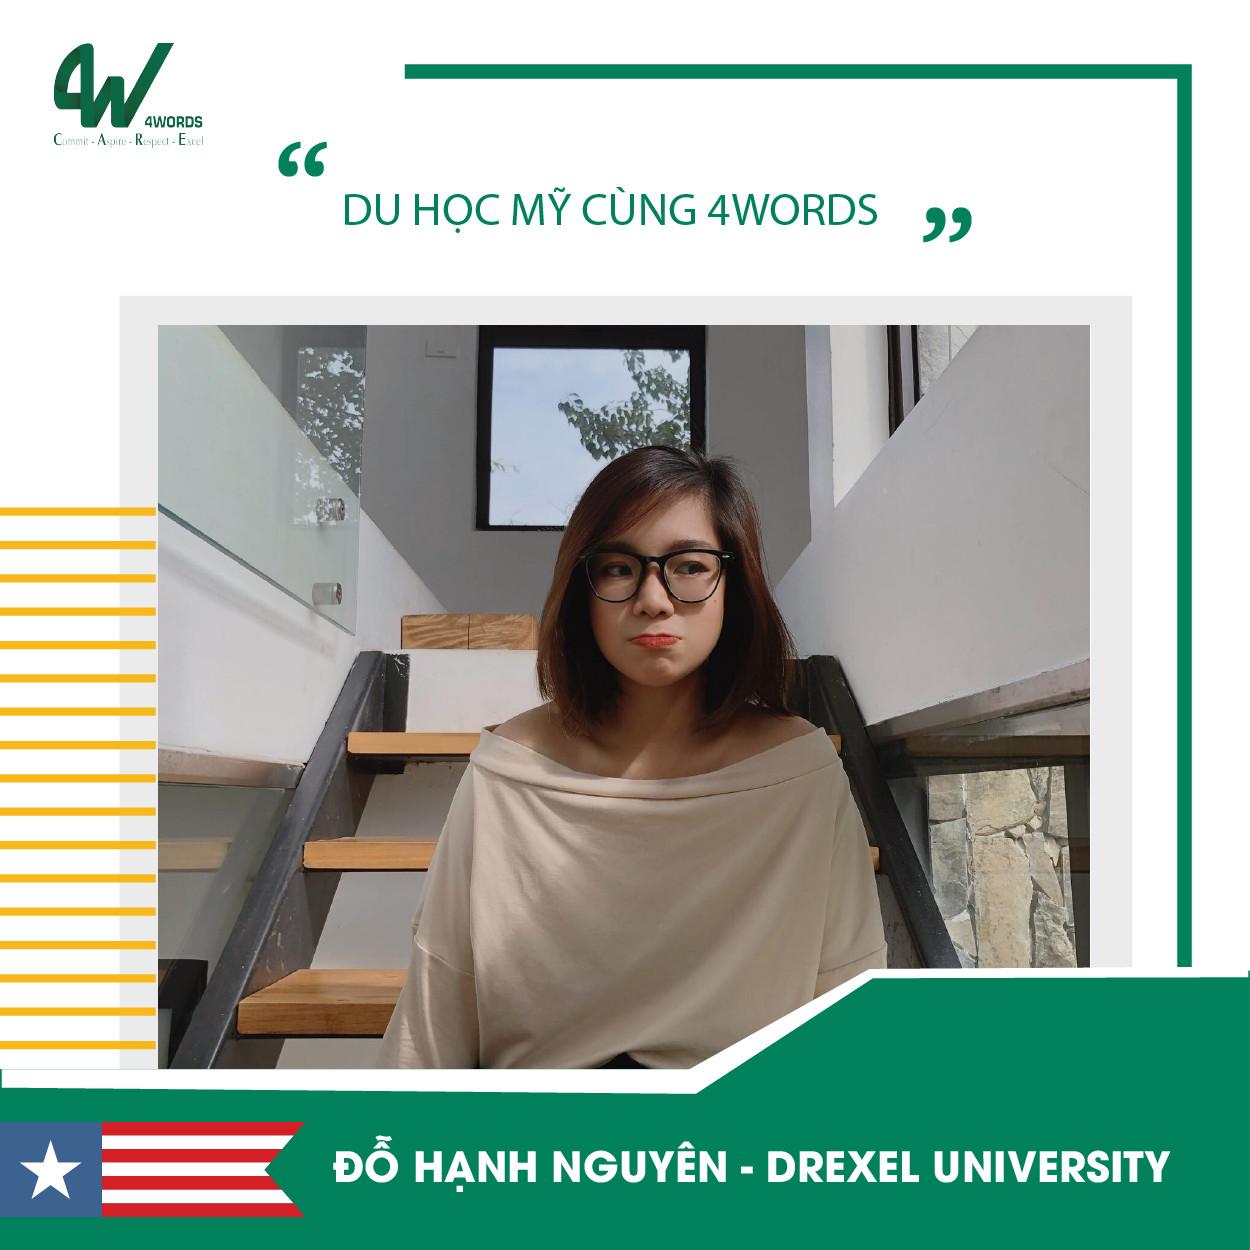 hanh-nguyen-1